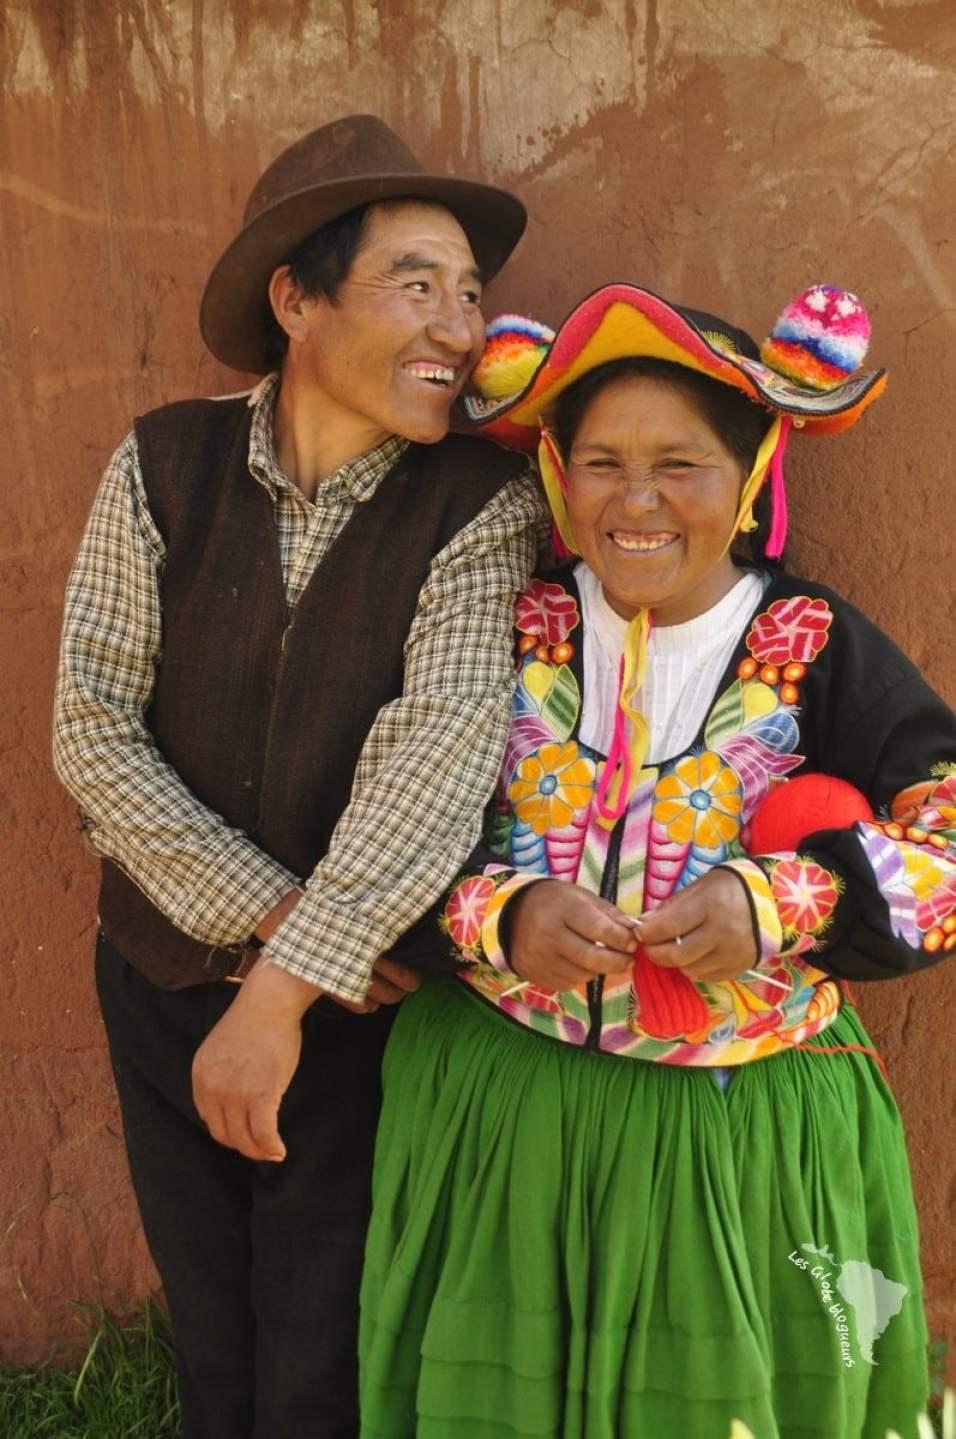 Chapeau typique de Capachica réservé aux femmes mariées